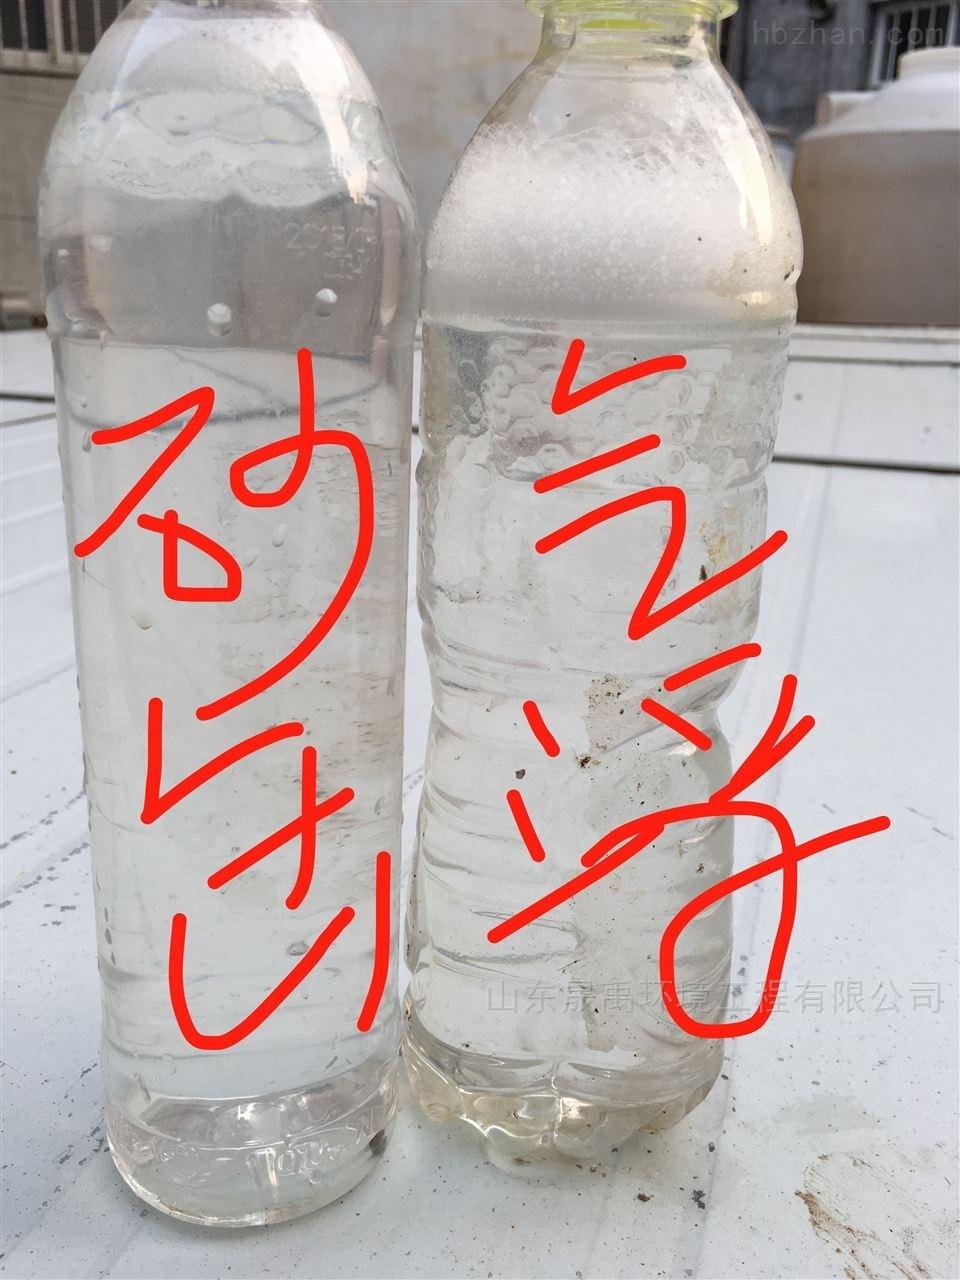 内蒙古 溶气气浮机的结构图 源头生产厂家